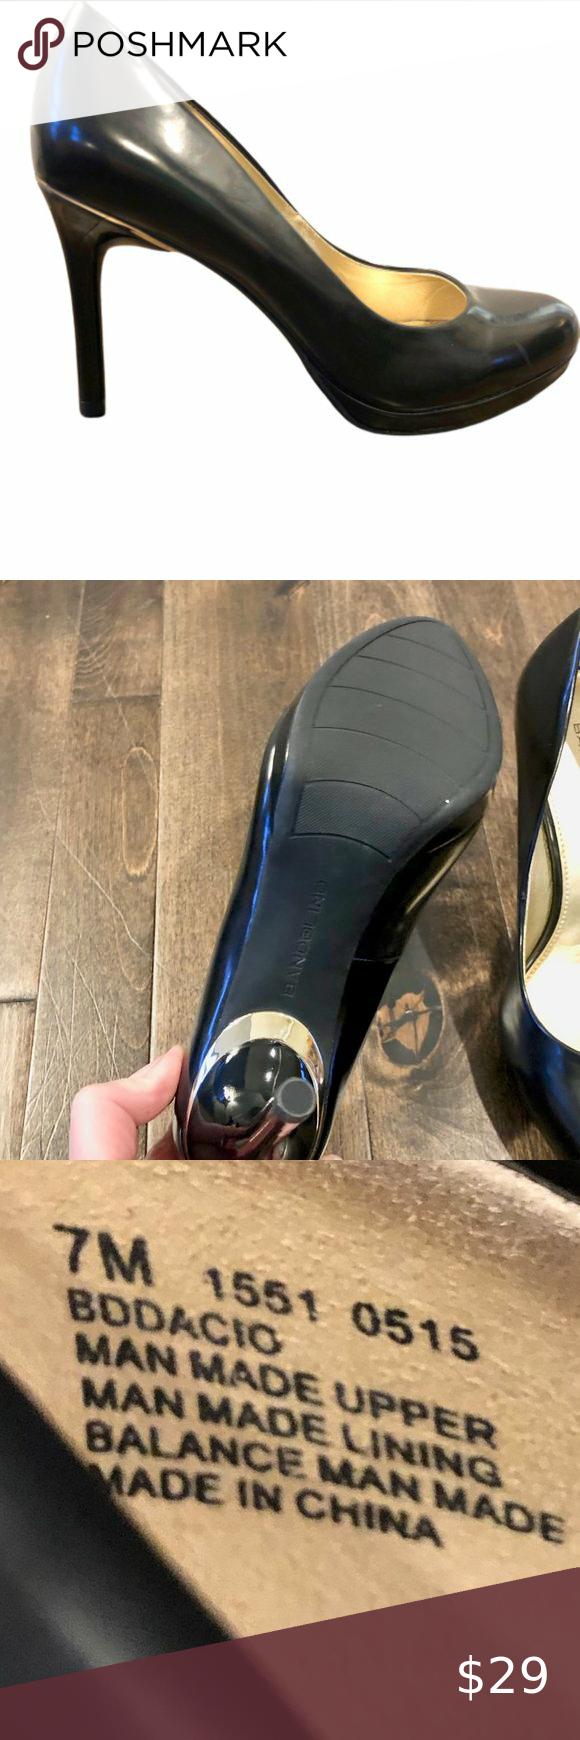 Bandolino Black Bodacio Heels - 7M - NWOT Bandolino Black Bodacio Heels (NWOT) Women's 7 M Black with Gold Design at Top of Heel 4